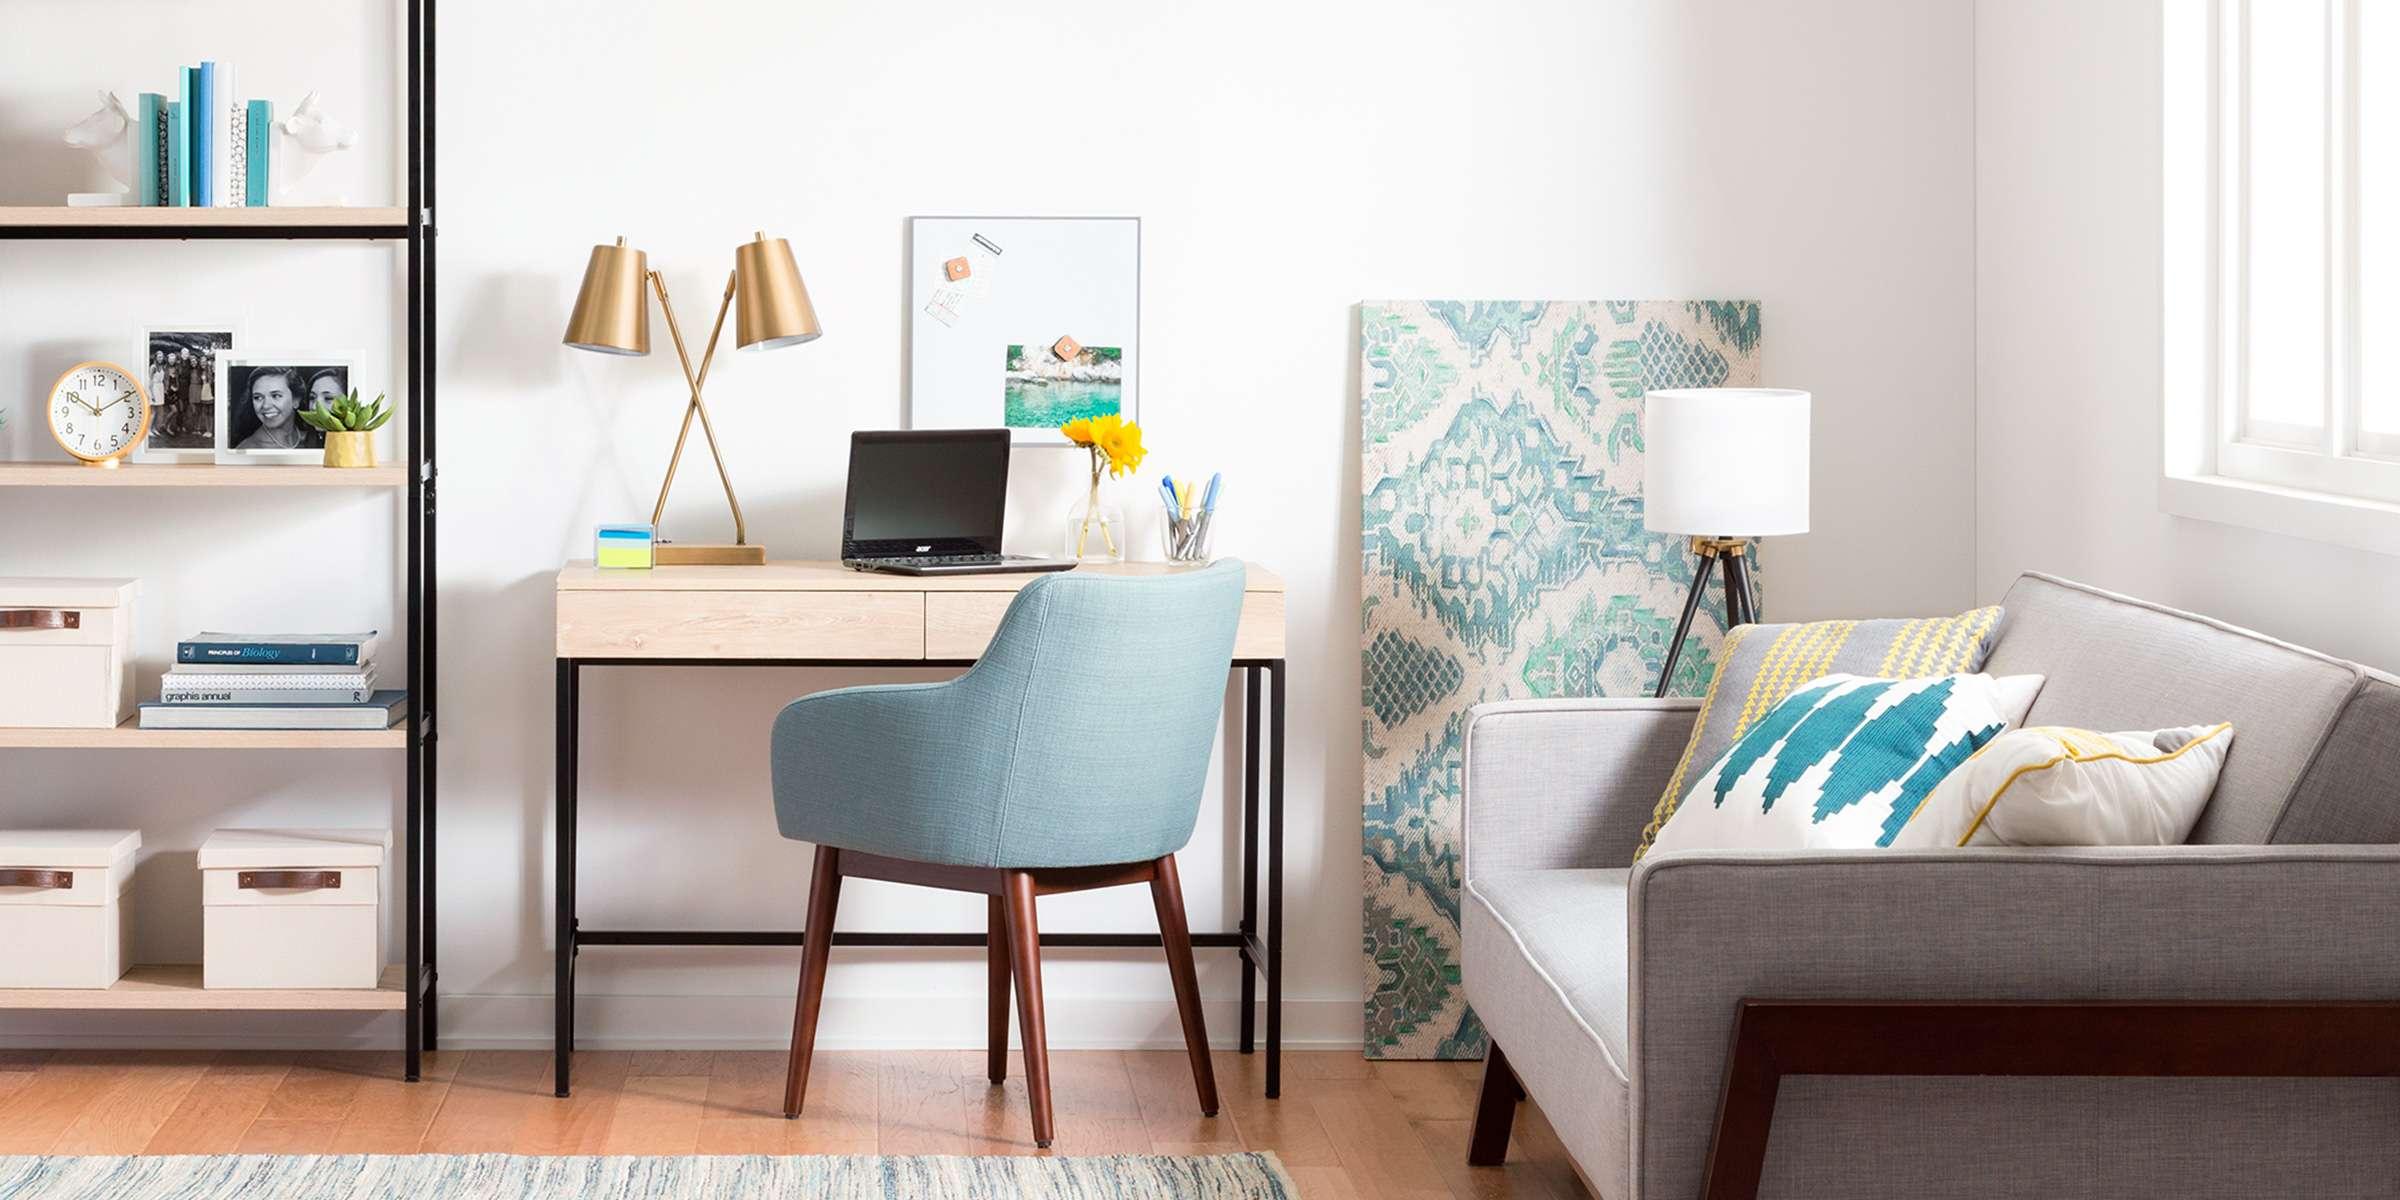 Coltul de design: cum sa amenajezi un birou acasa, daca spatiul este insuficient